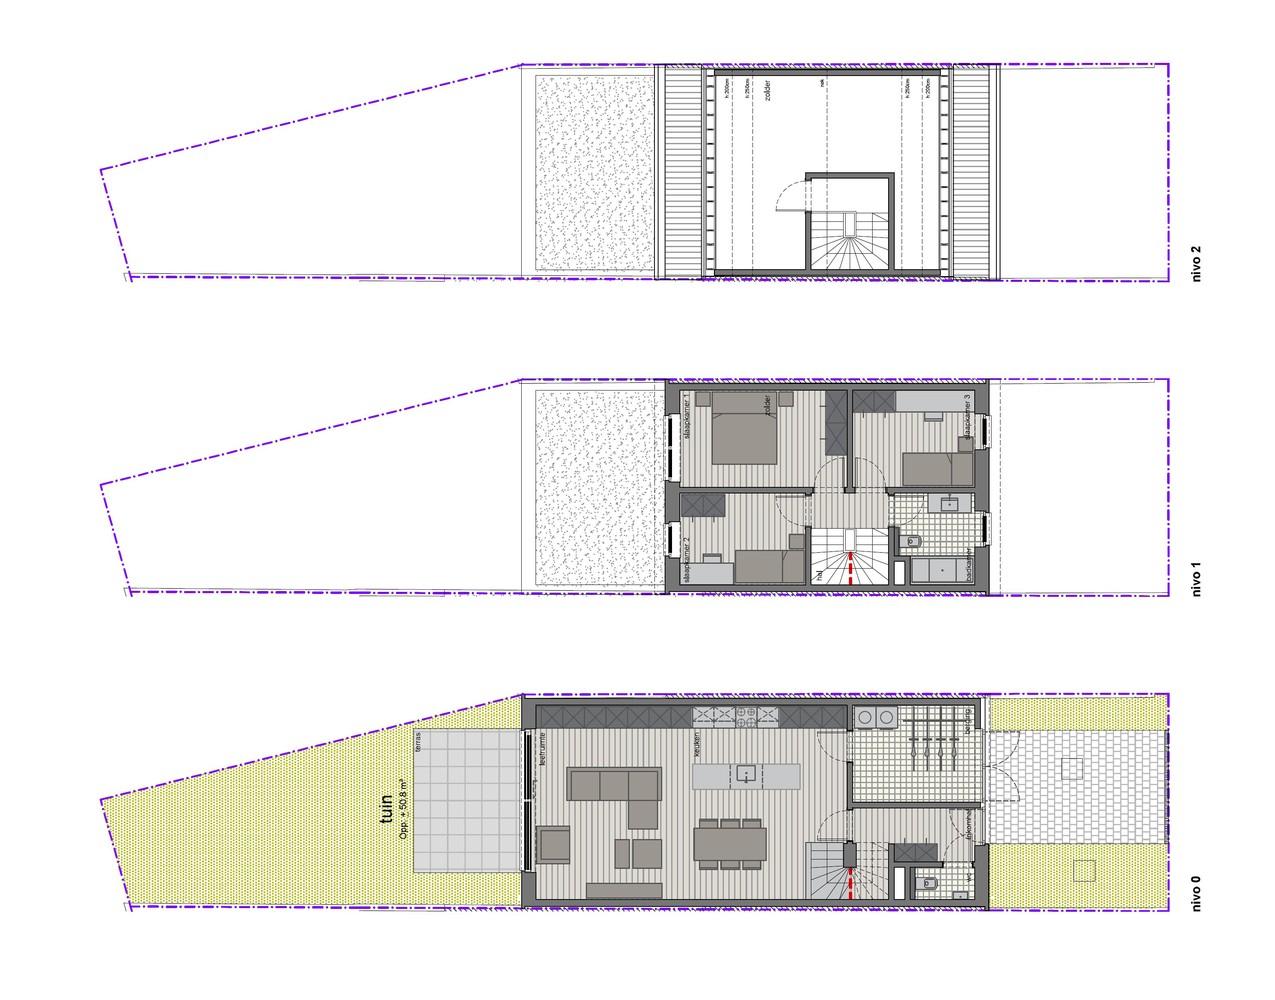 Volledig nieuwe, kwalitatieve woning met 3 slaapkamers in Schoten afbeelding 3